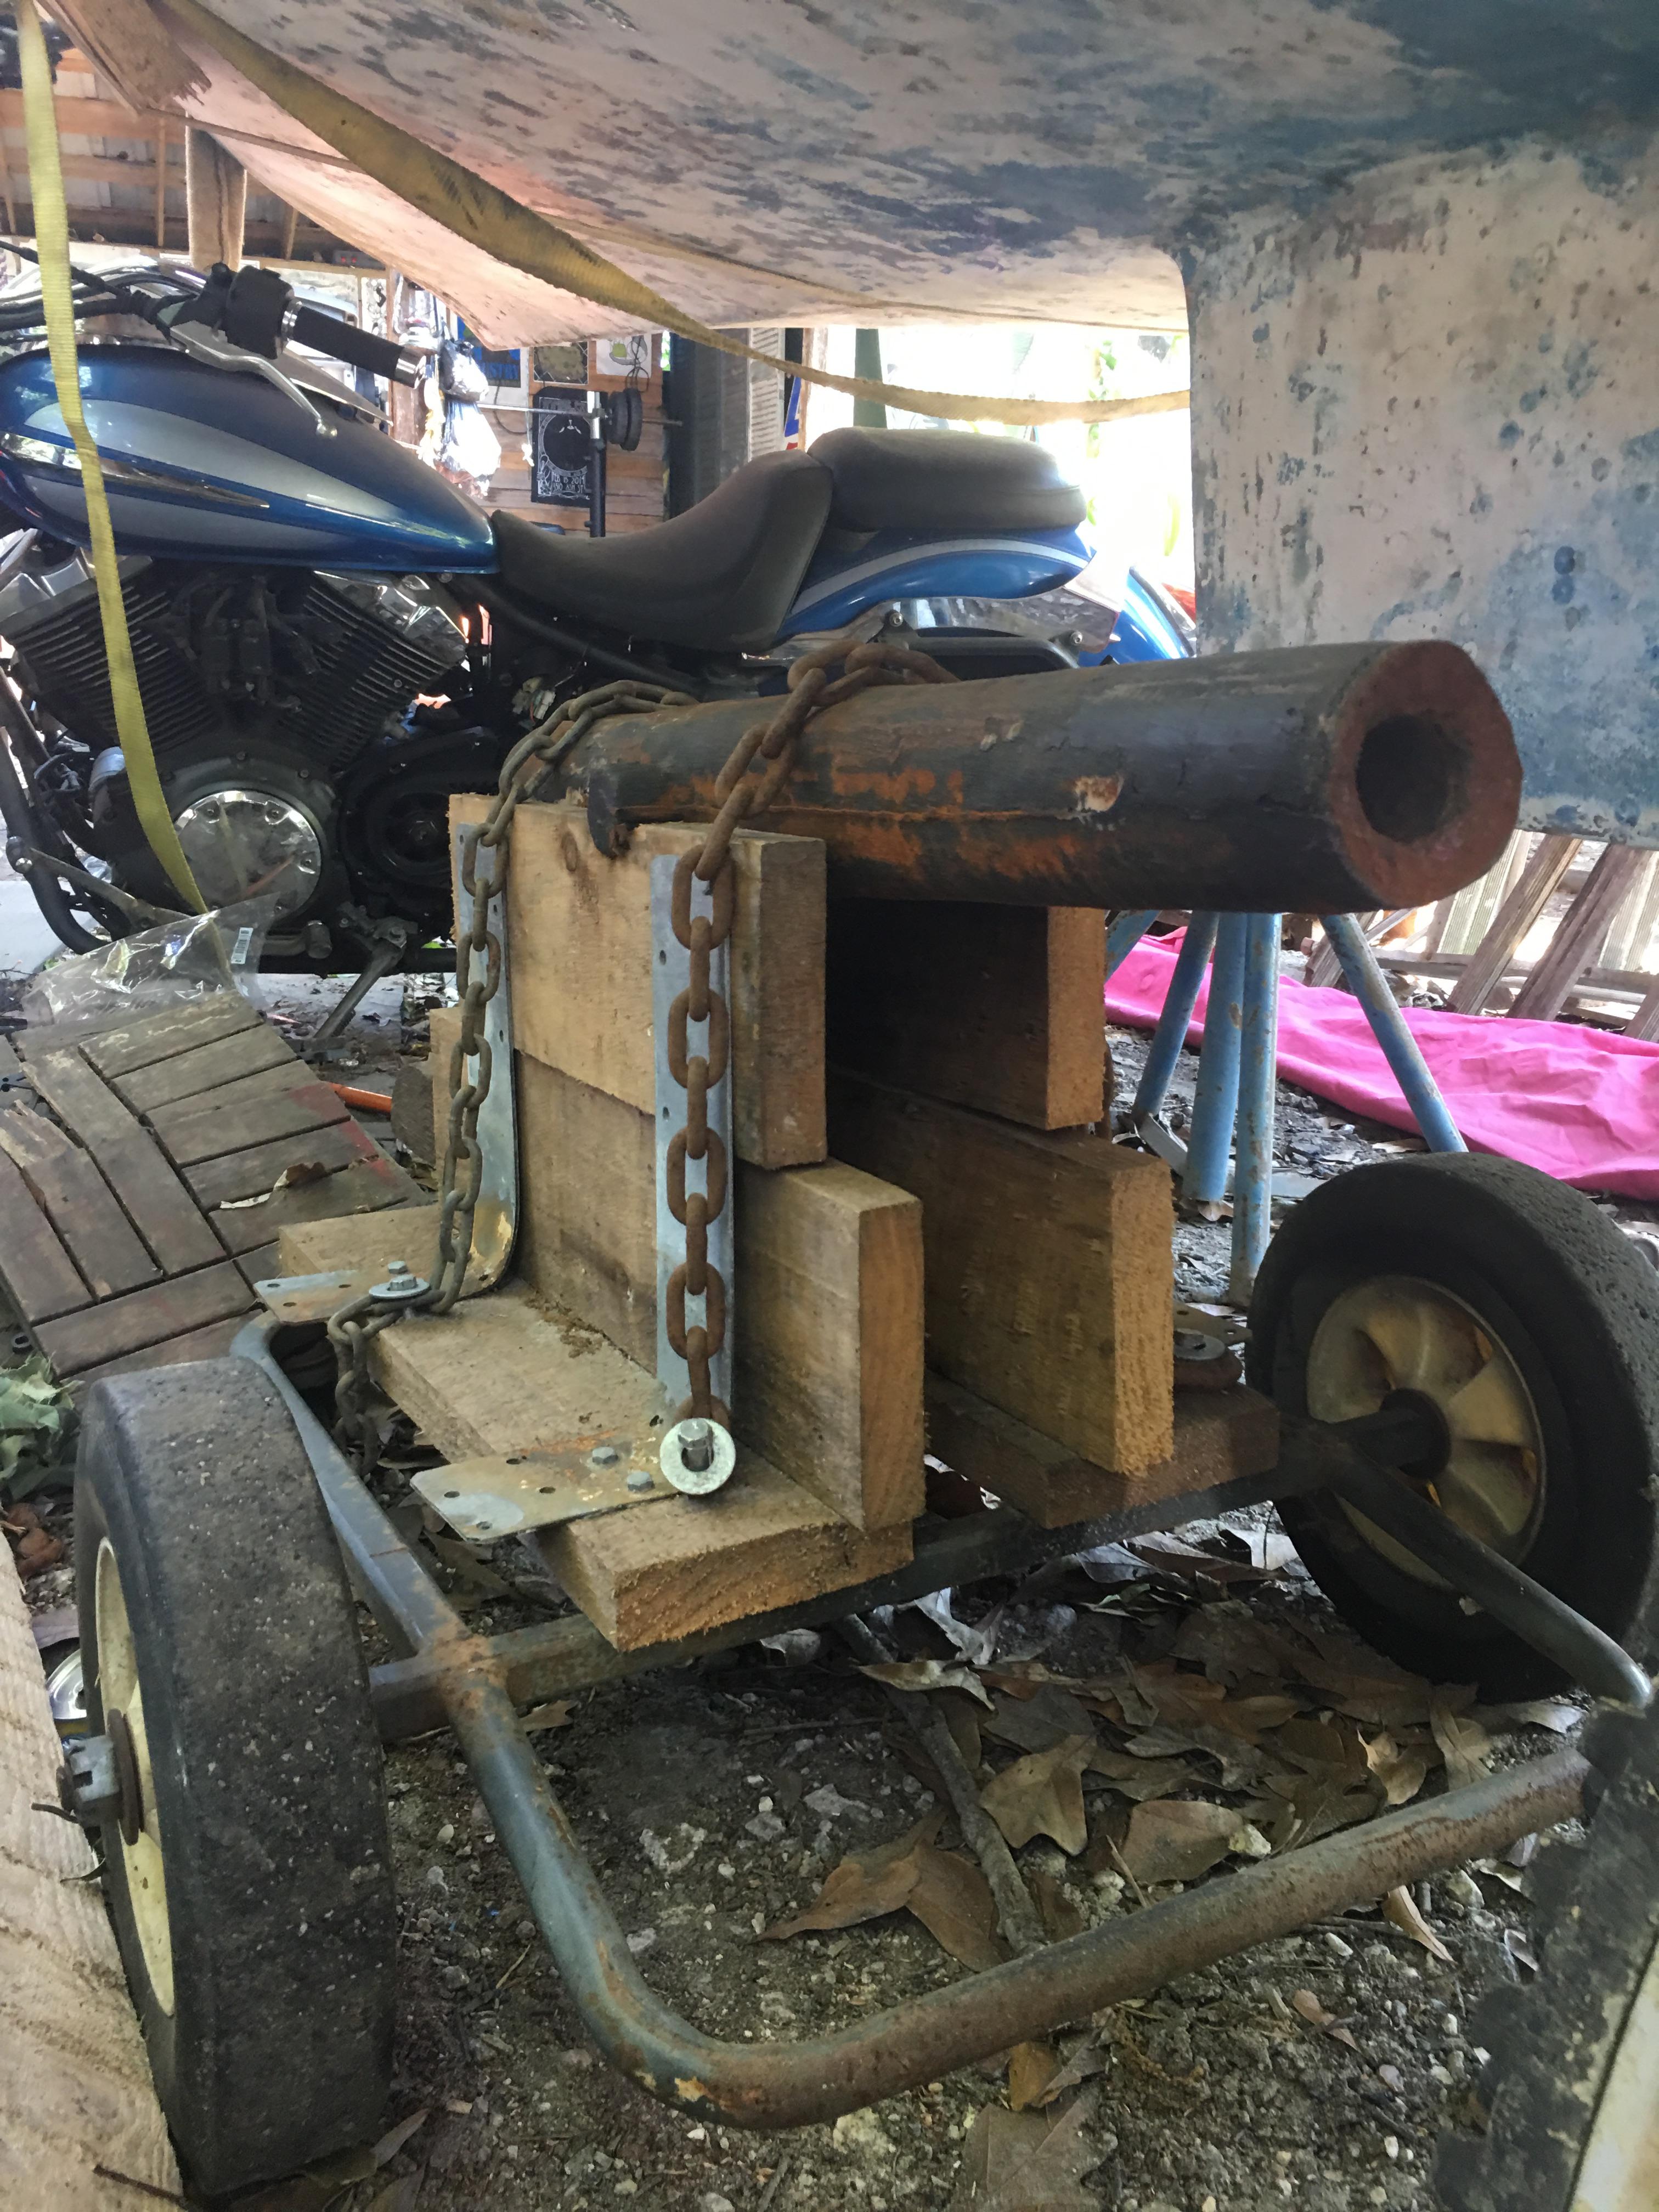 gargoyle cannon front